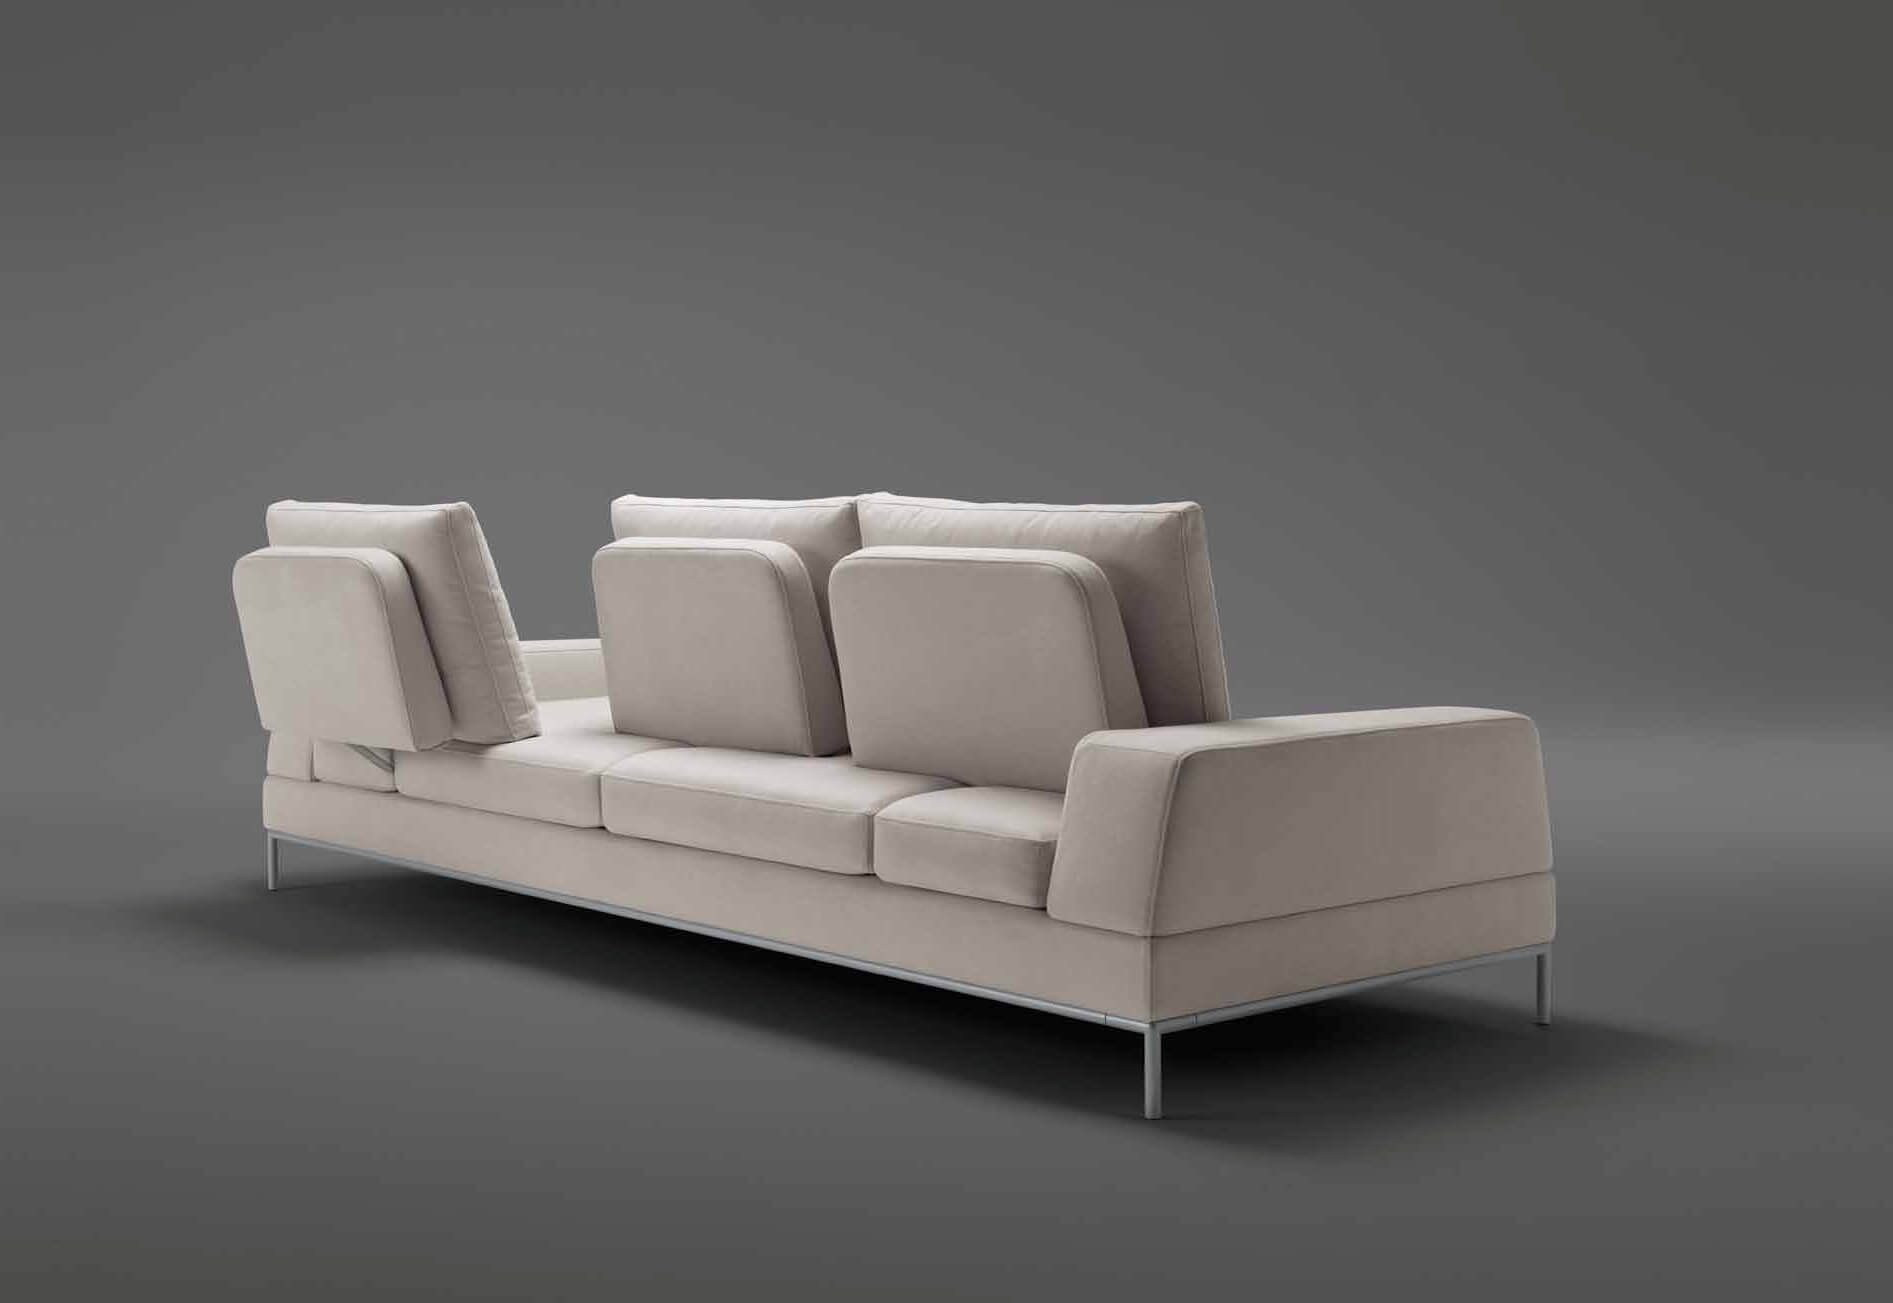 Mobile divano 28 images mobile retro divano divano - Mobile retrodivano ikea ...